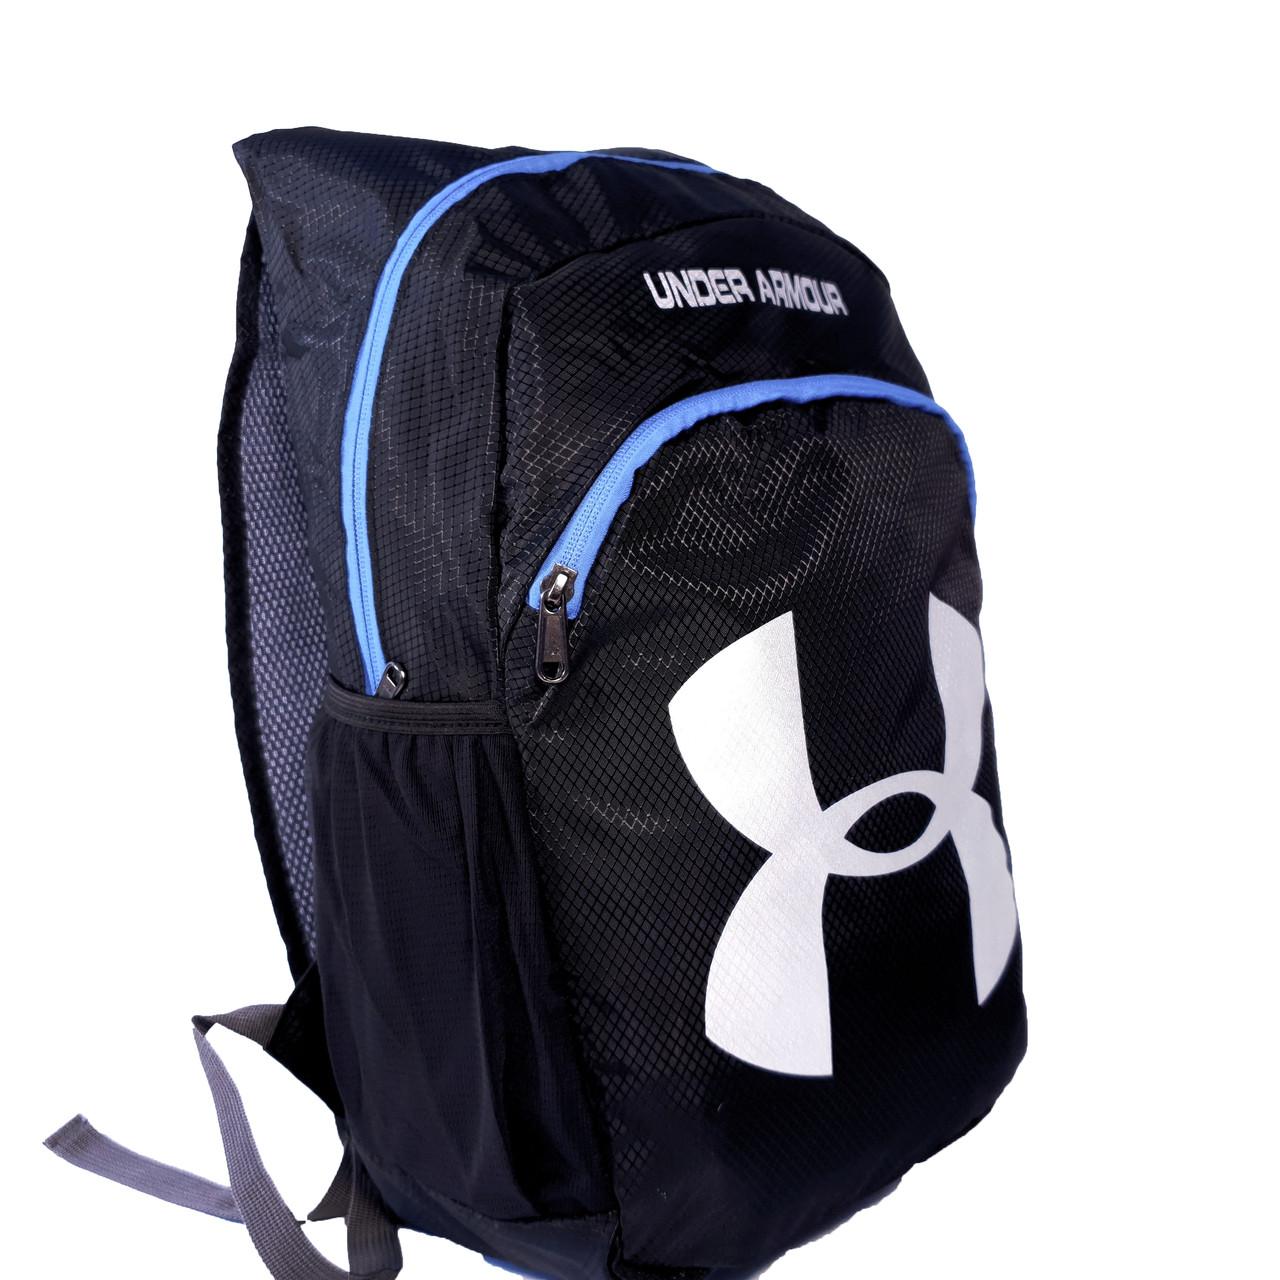 Спортивний рюкзак Under Armour, РОЗПРОДАЖ